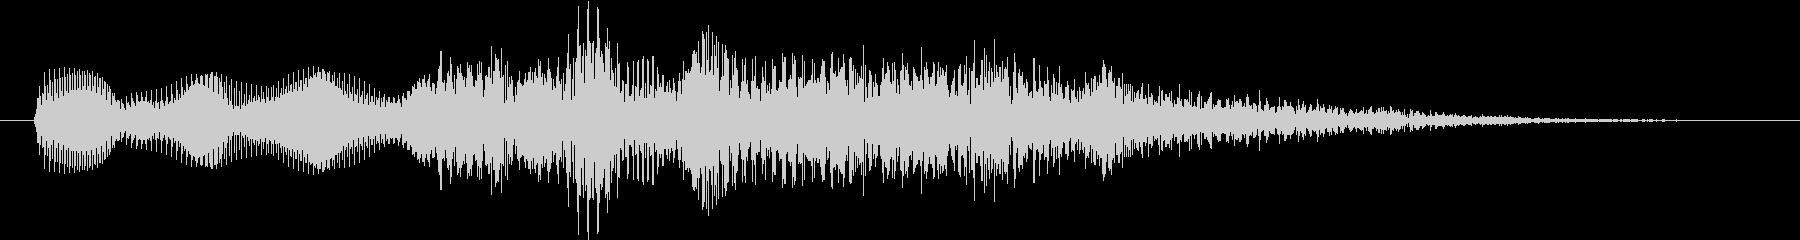 パソコン起動音のようなメロディー♪の未再生の波形